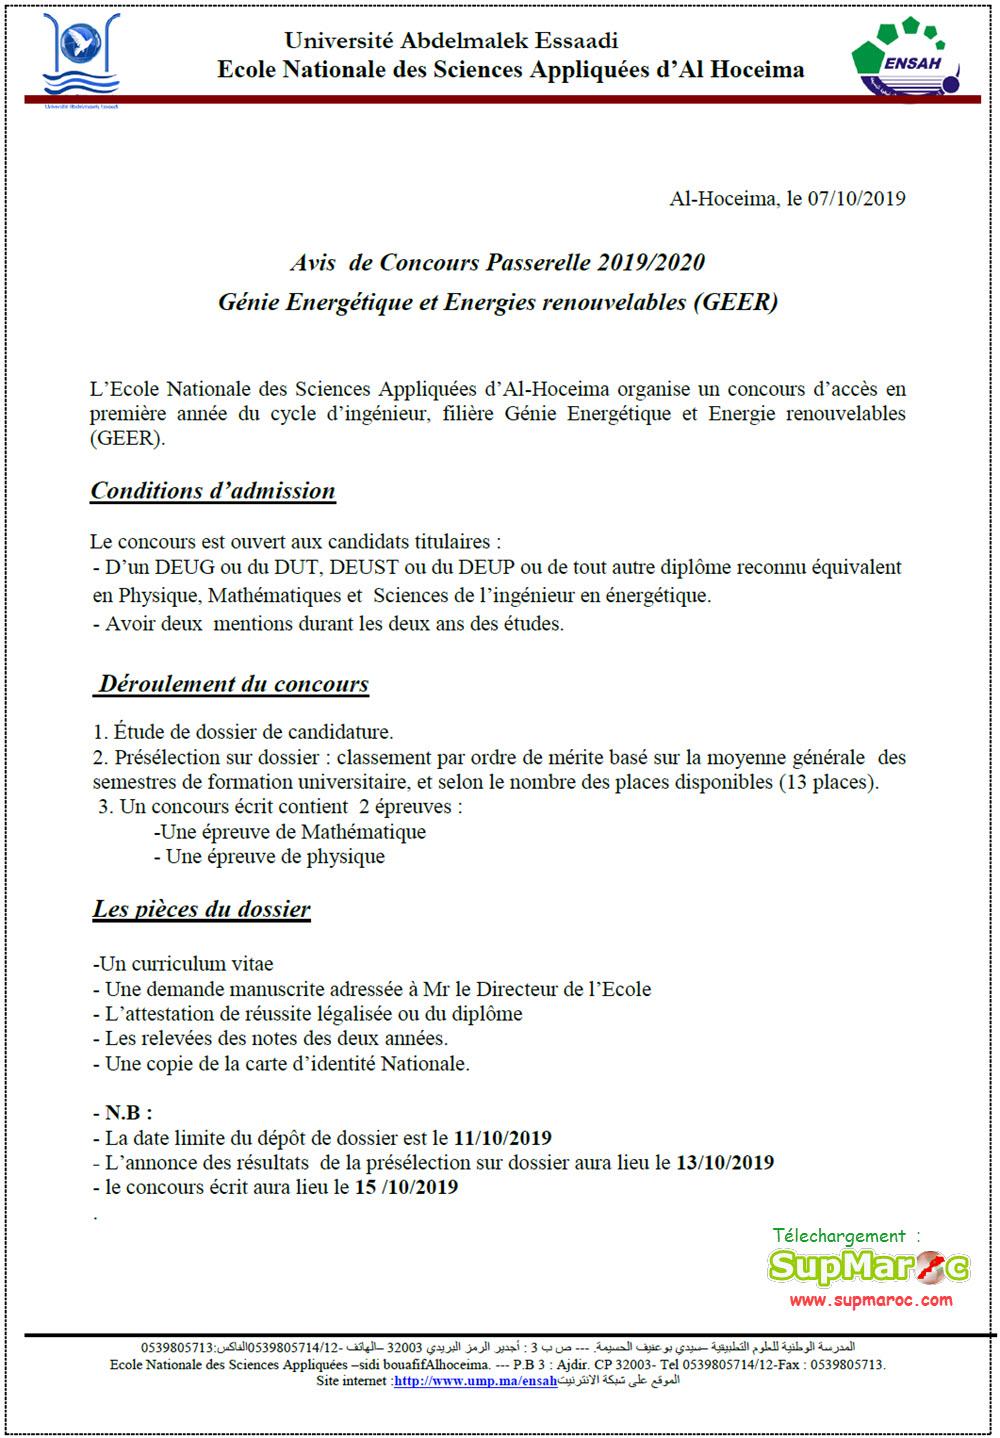 ENSA Al Hoceima Concours Passerelle Accès en 1ere année C.Ingénieur 2019-2020